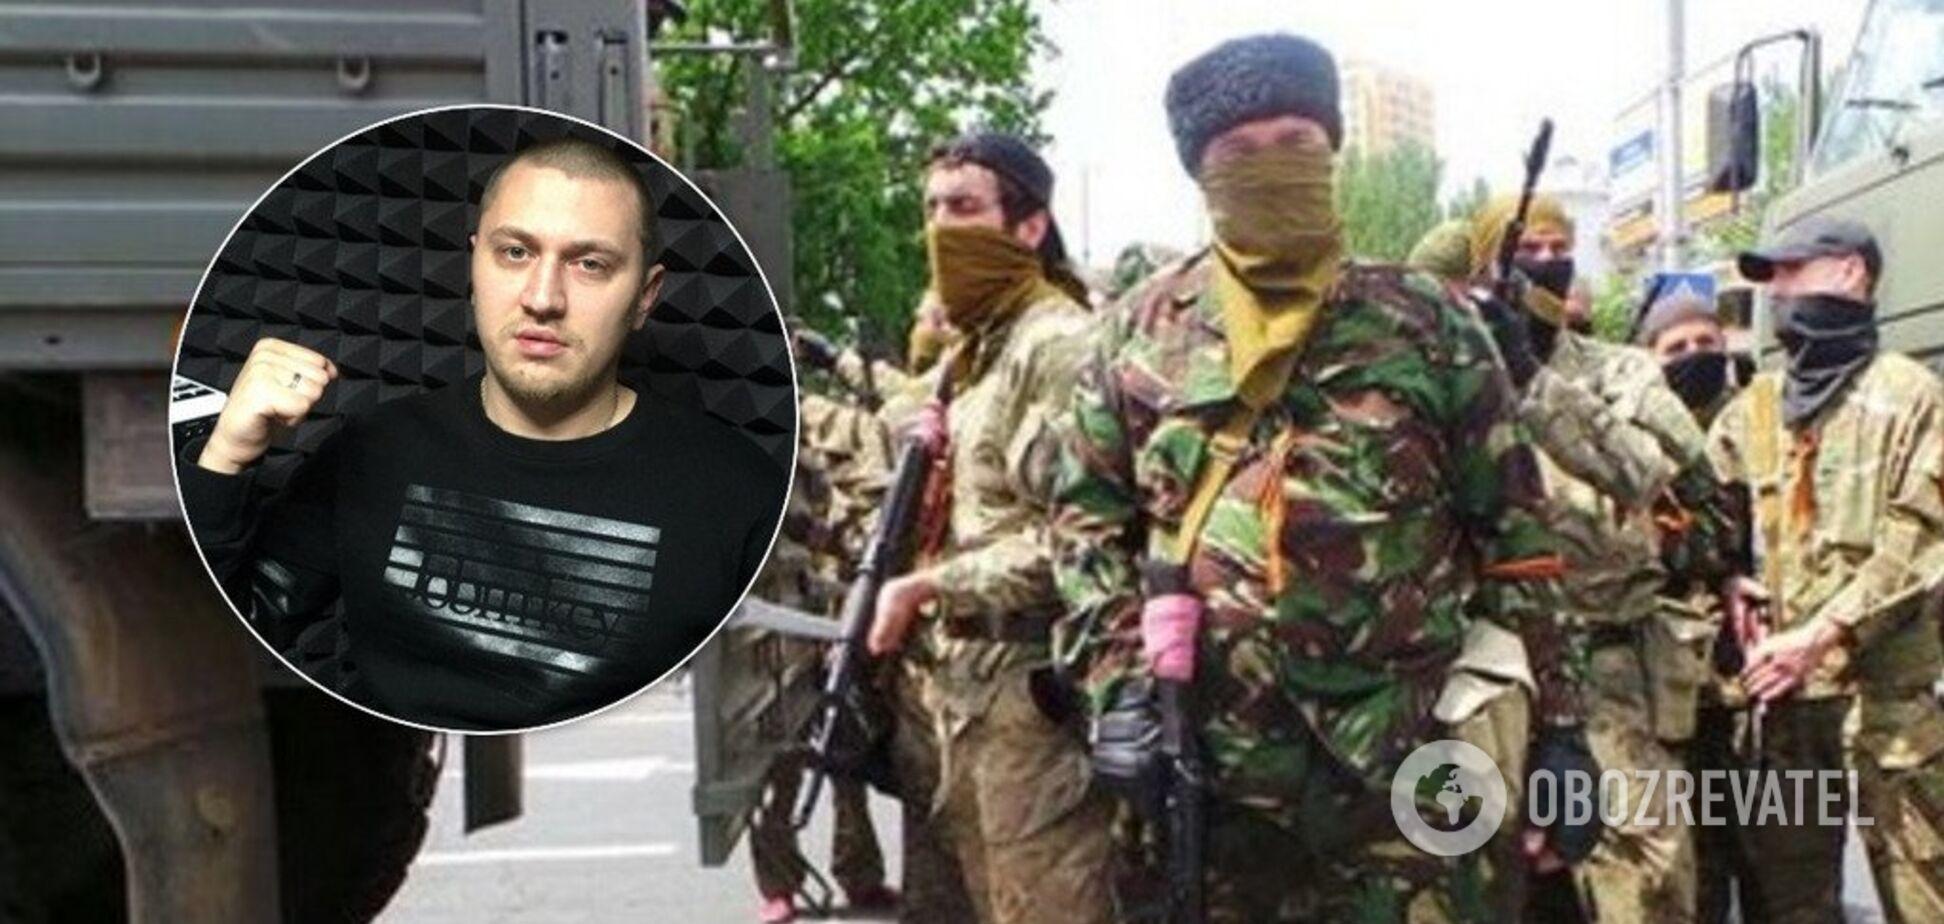 Розправилися свої ж: стало відомо про вбивство сина ексватажка 'ДНР'